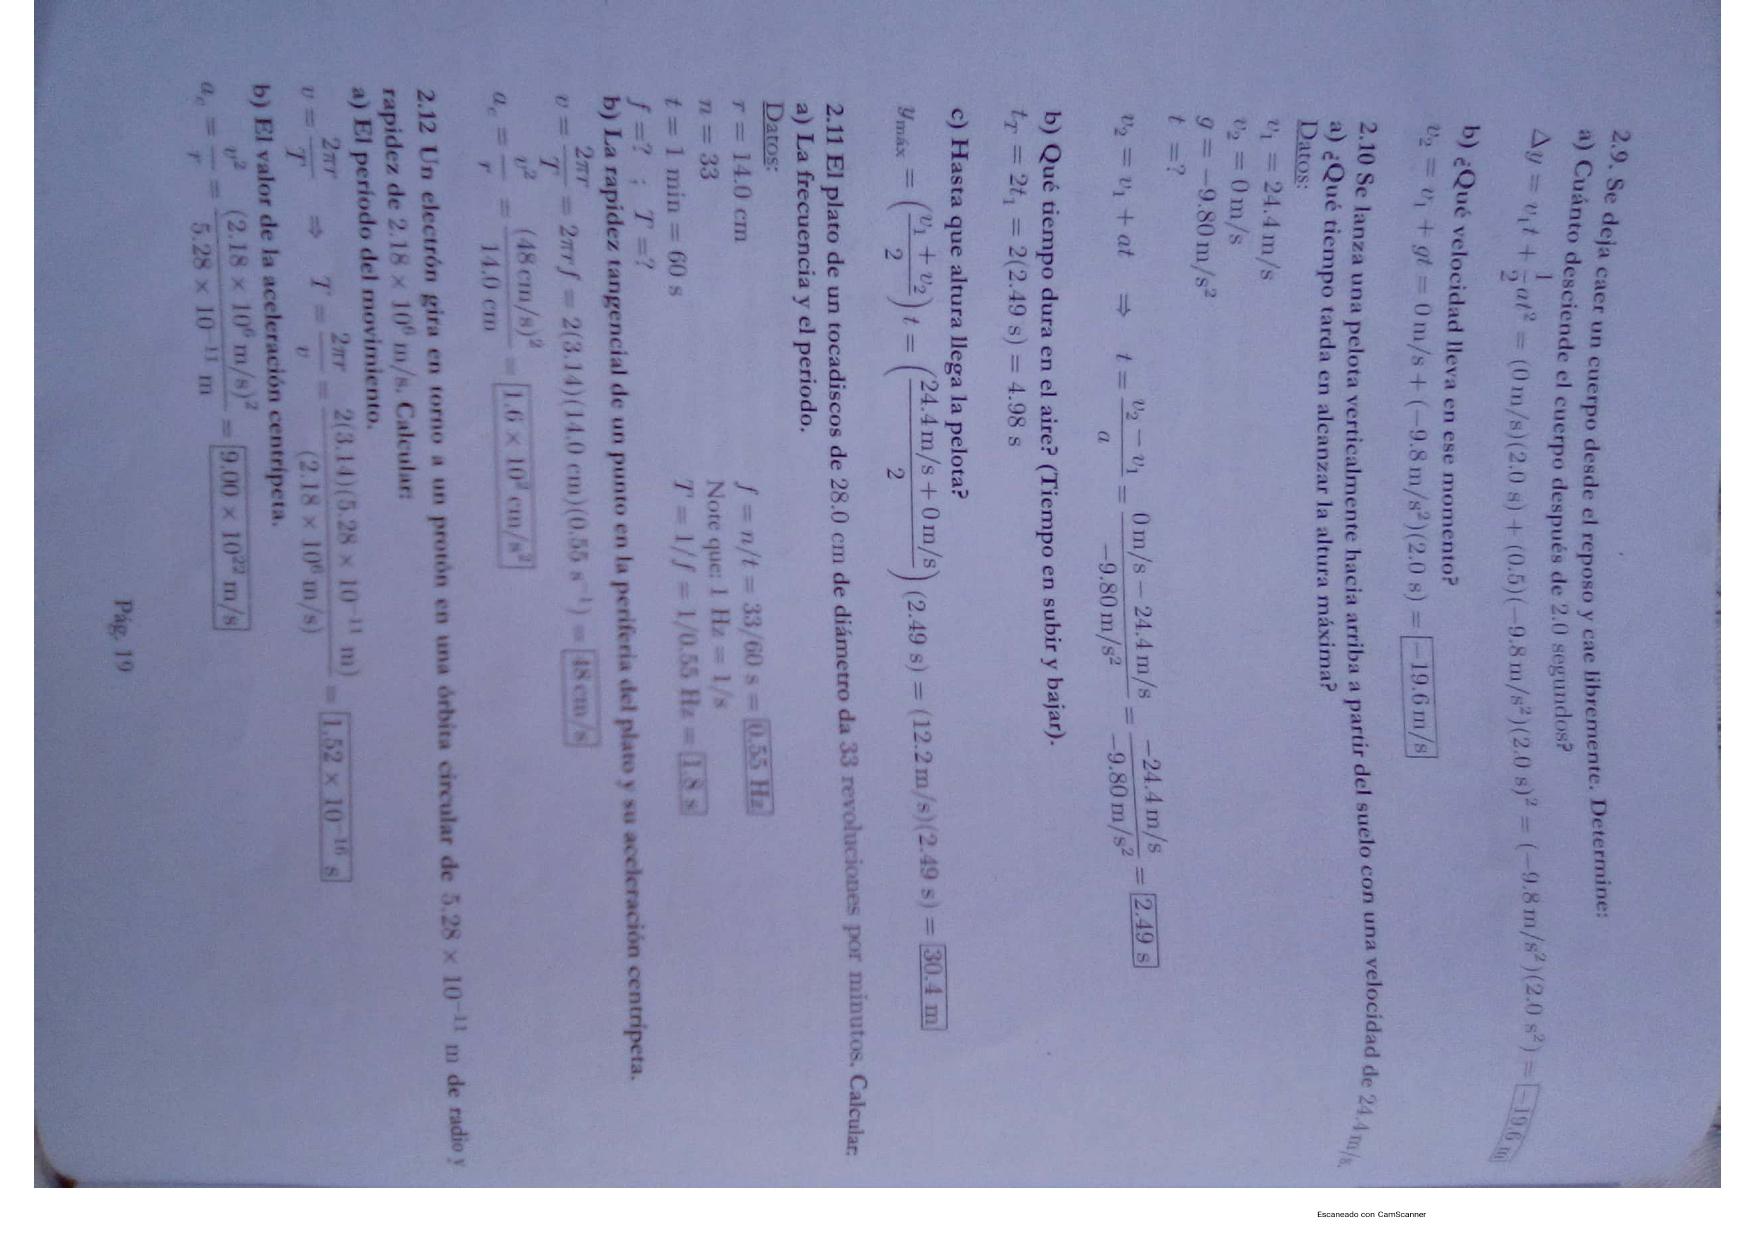 cuaderno-de-trabajo-f-sica-b-sica-page-0018